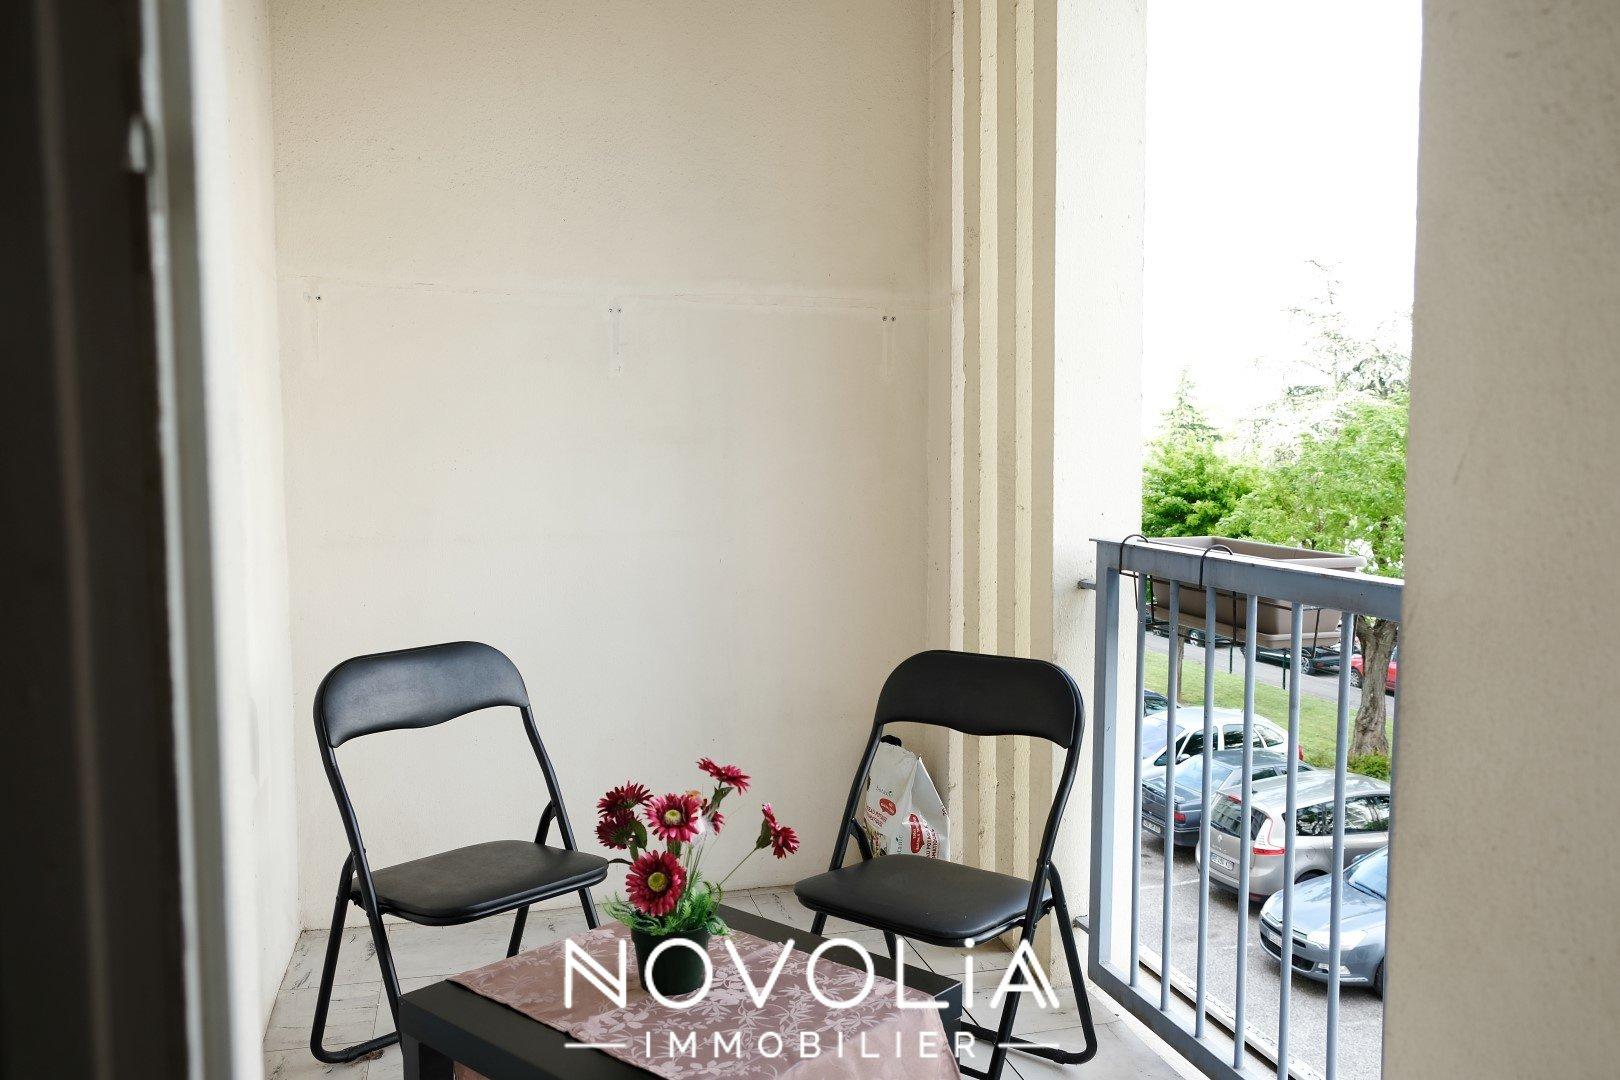 Achat Appartement Surface de 63 m²/ Total carrez : 63 m², 3 pièces, Vénissieux (69200)